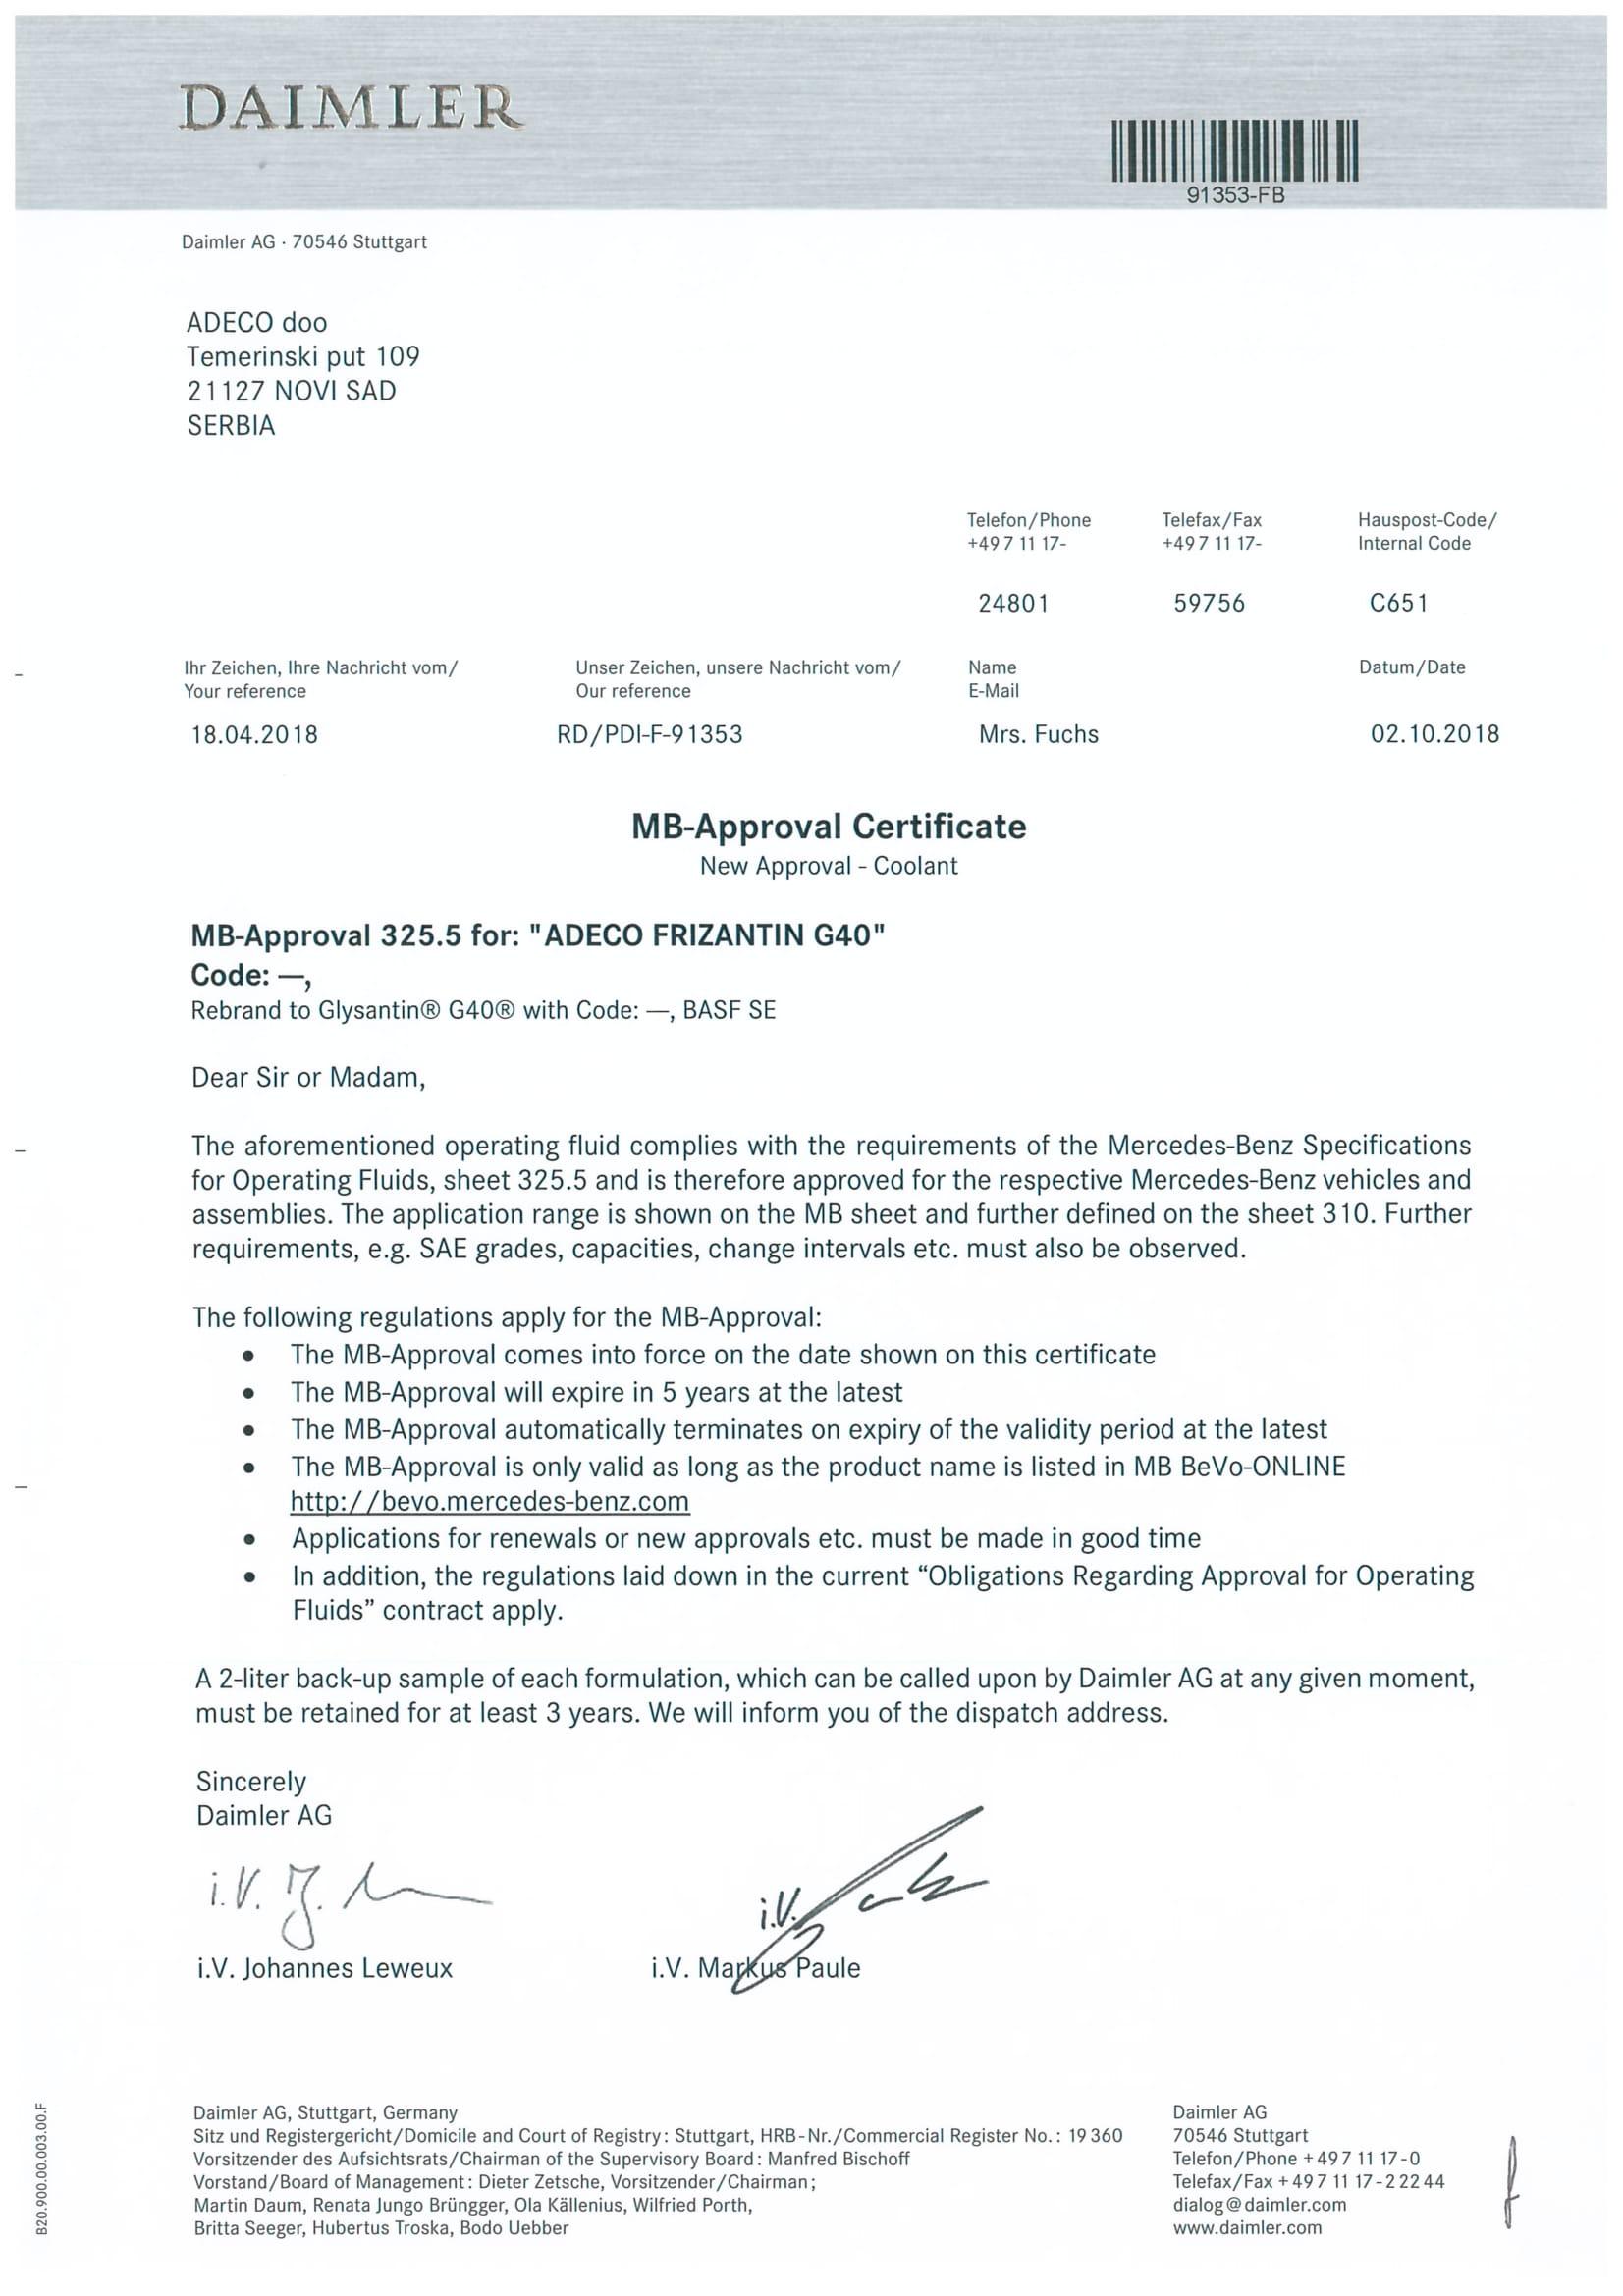 Daimler Mercedes-Benz odobrenje za Frizantin G40